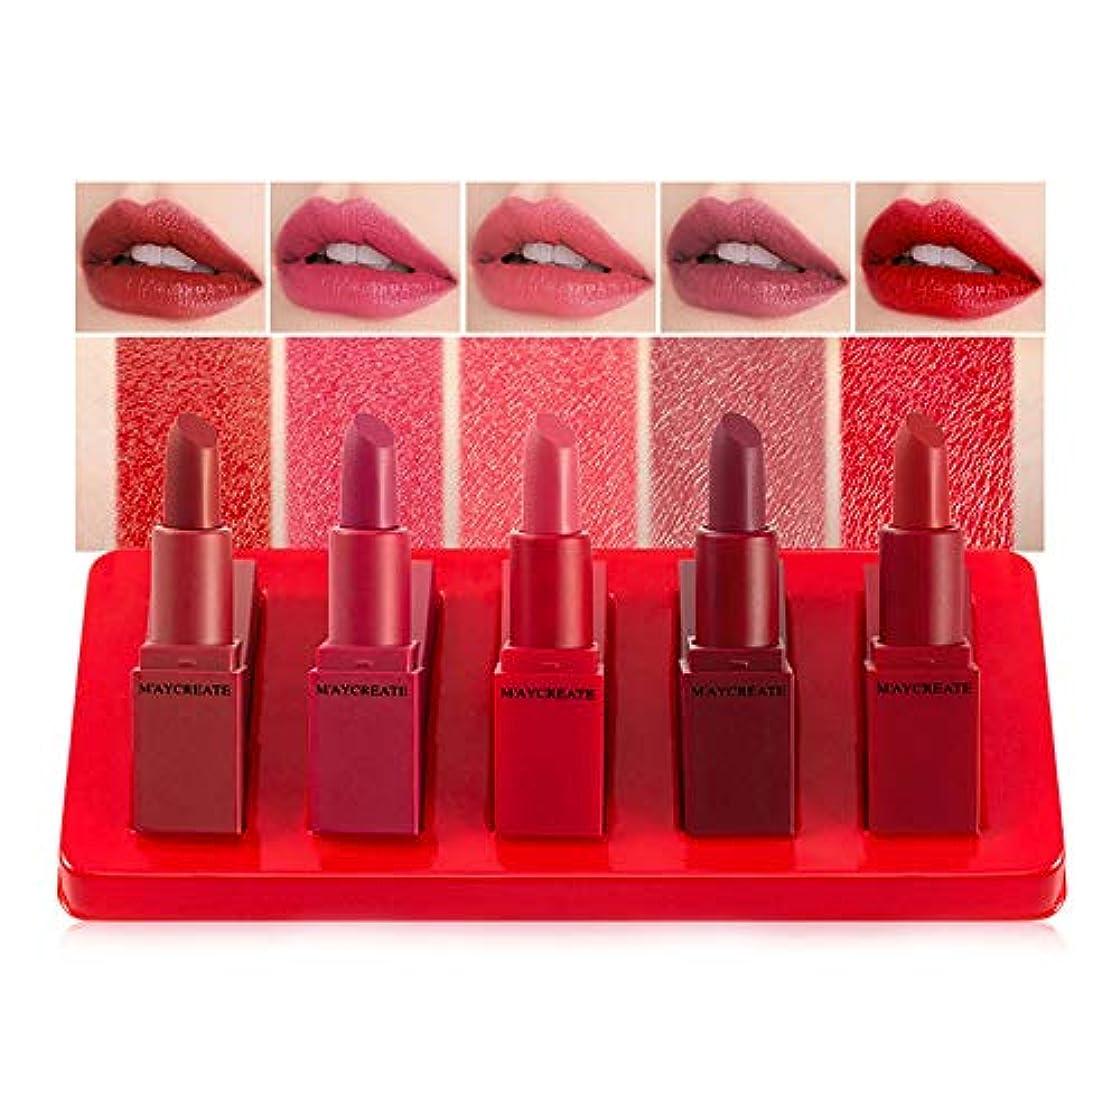 ミリメーターピラミッド霜5本/セット口紅化粧品女性化粧セット保湿バームファッション防水セクシーな口紅